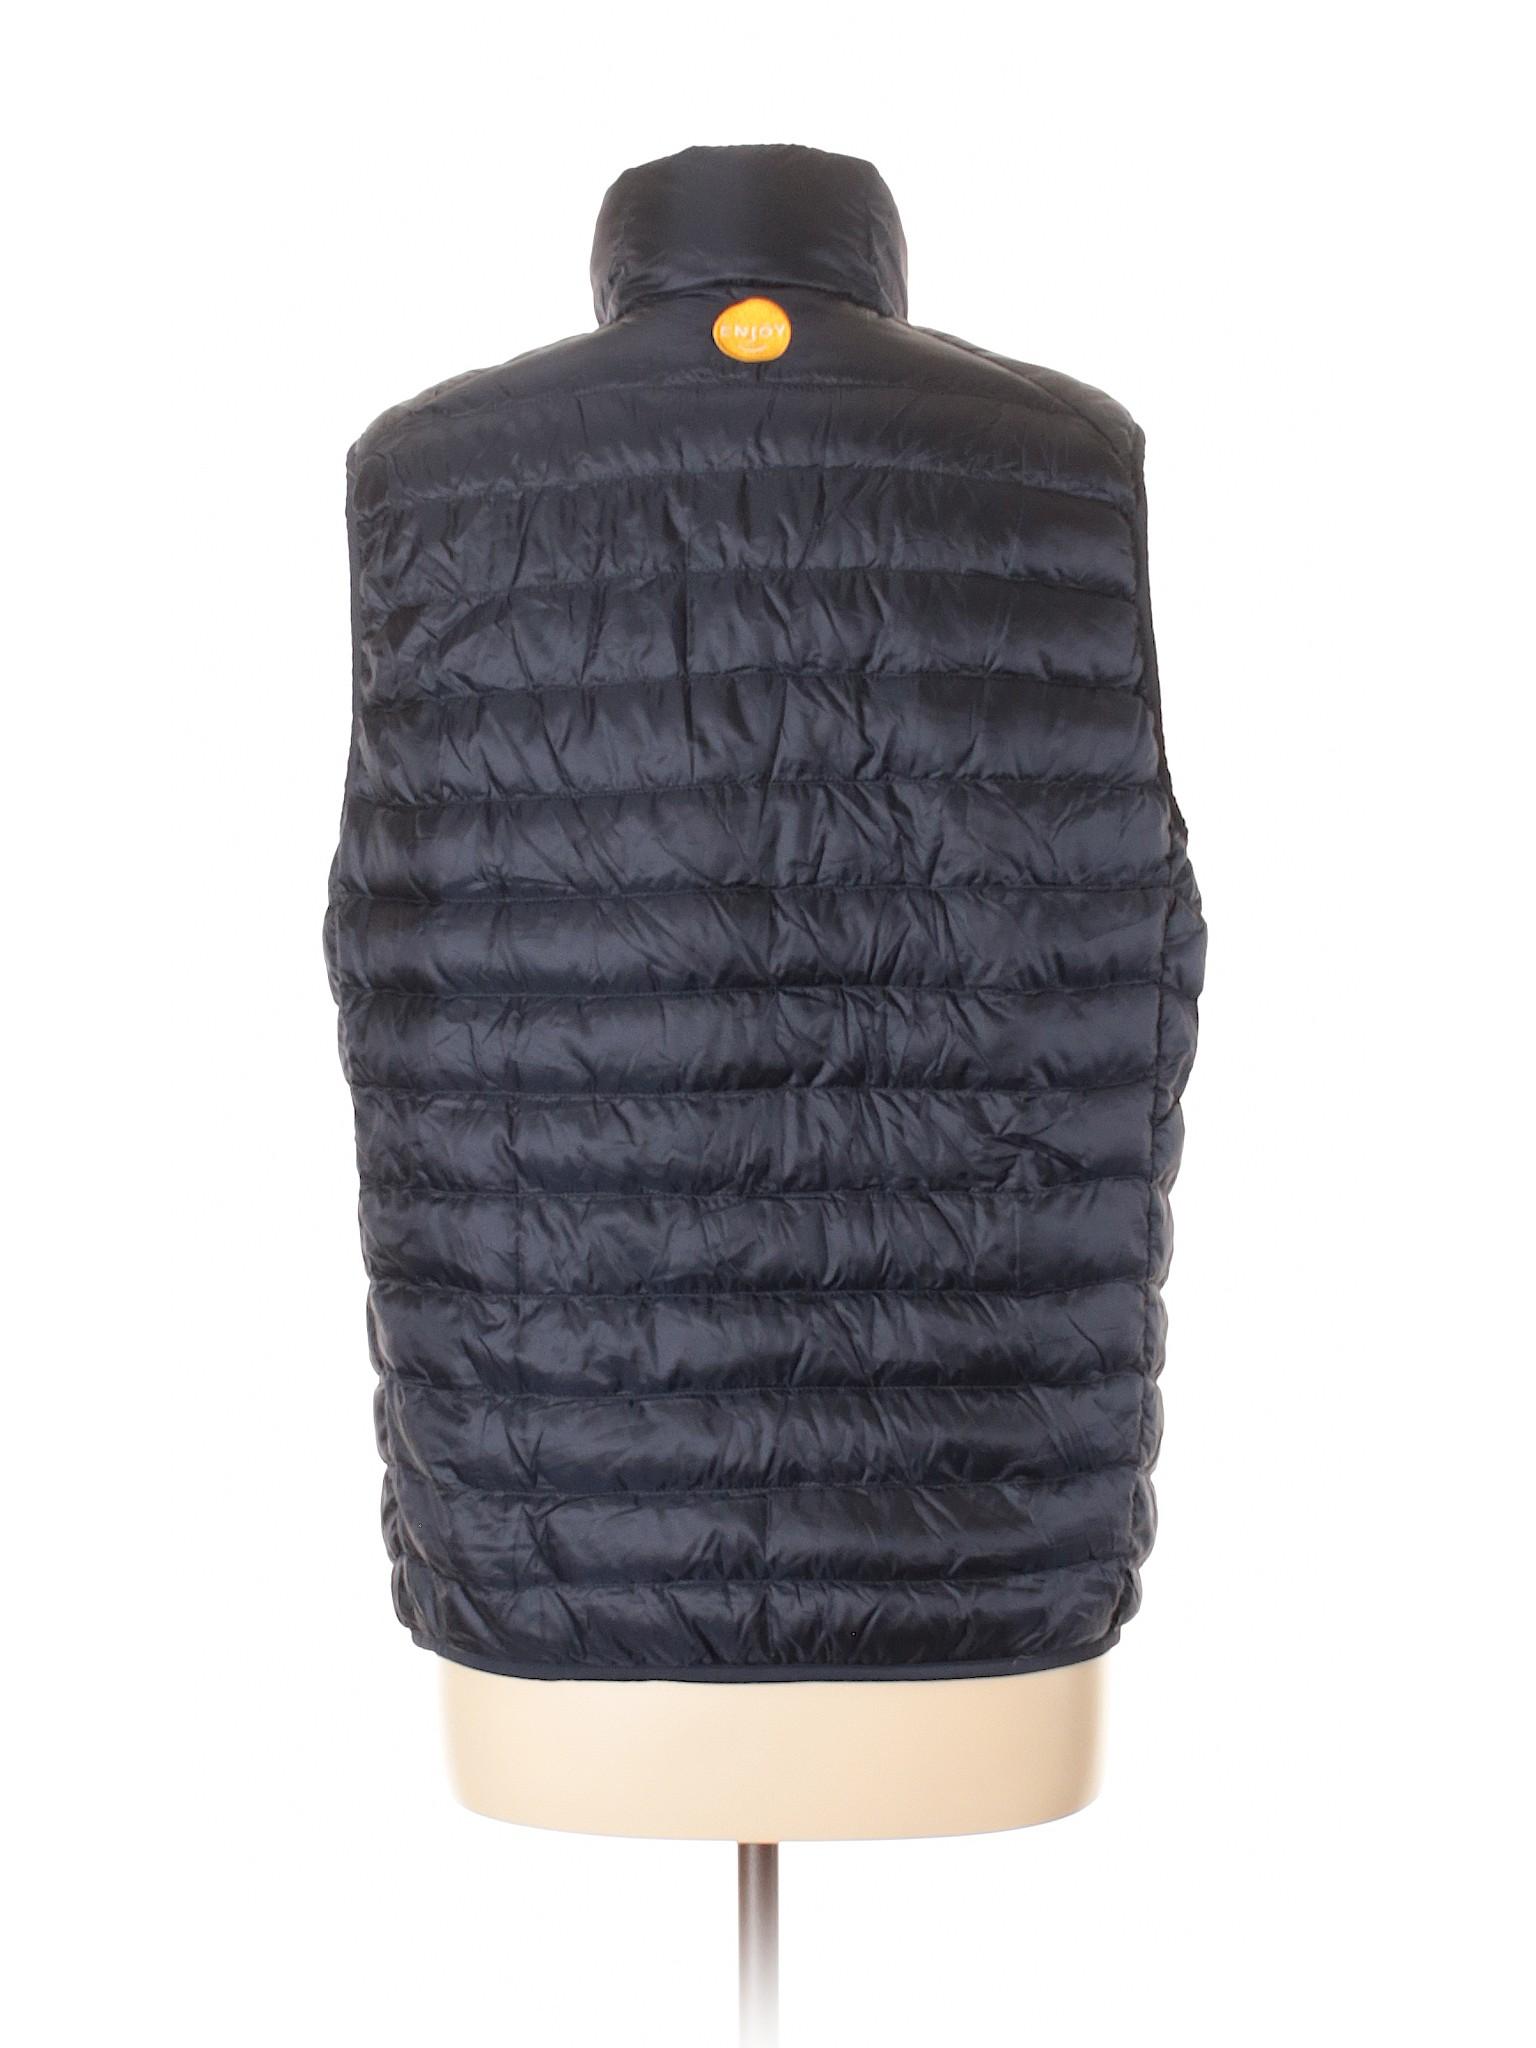 Vest leisure Uniqlo Boutique Boutique leisure 6gq8WwaPf